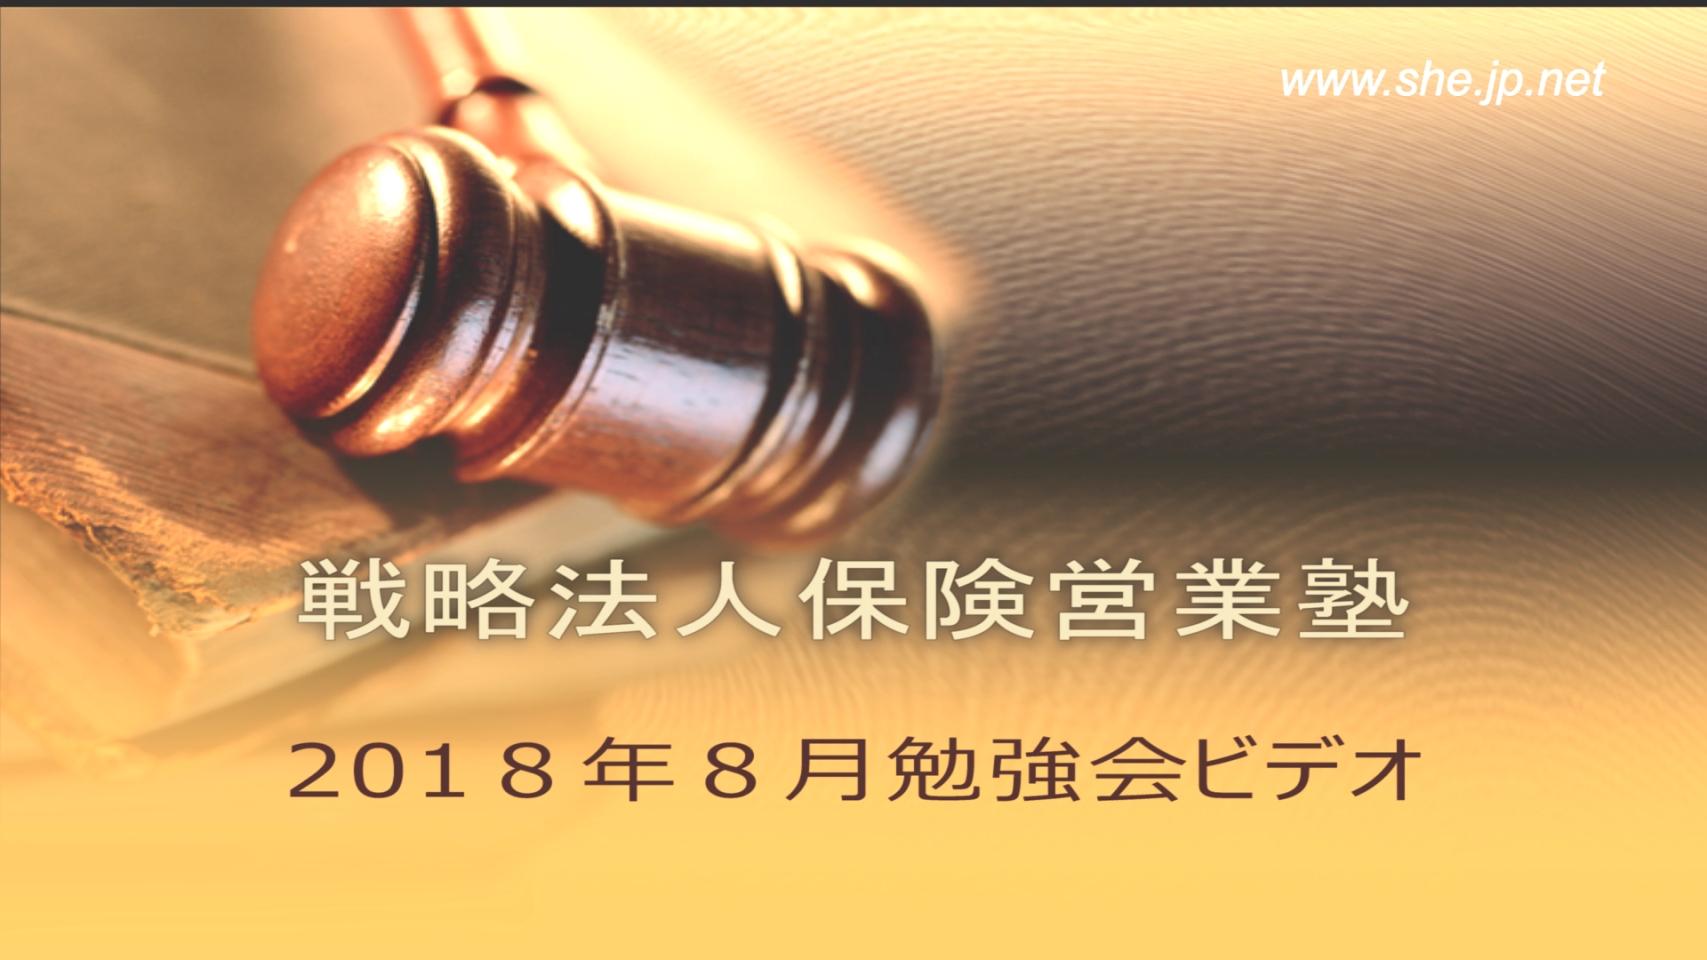 【受講者専用】 2018年8月度LiveSHE勉強会ビデオ(メンバー限定)